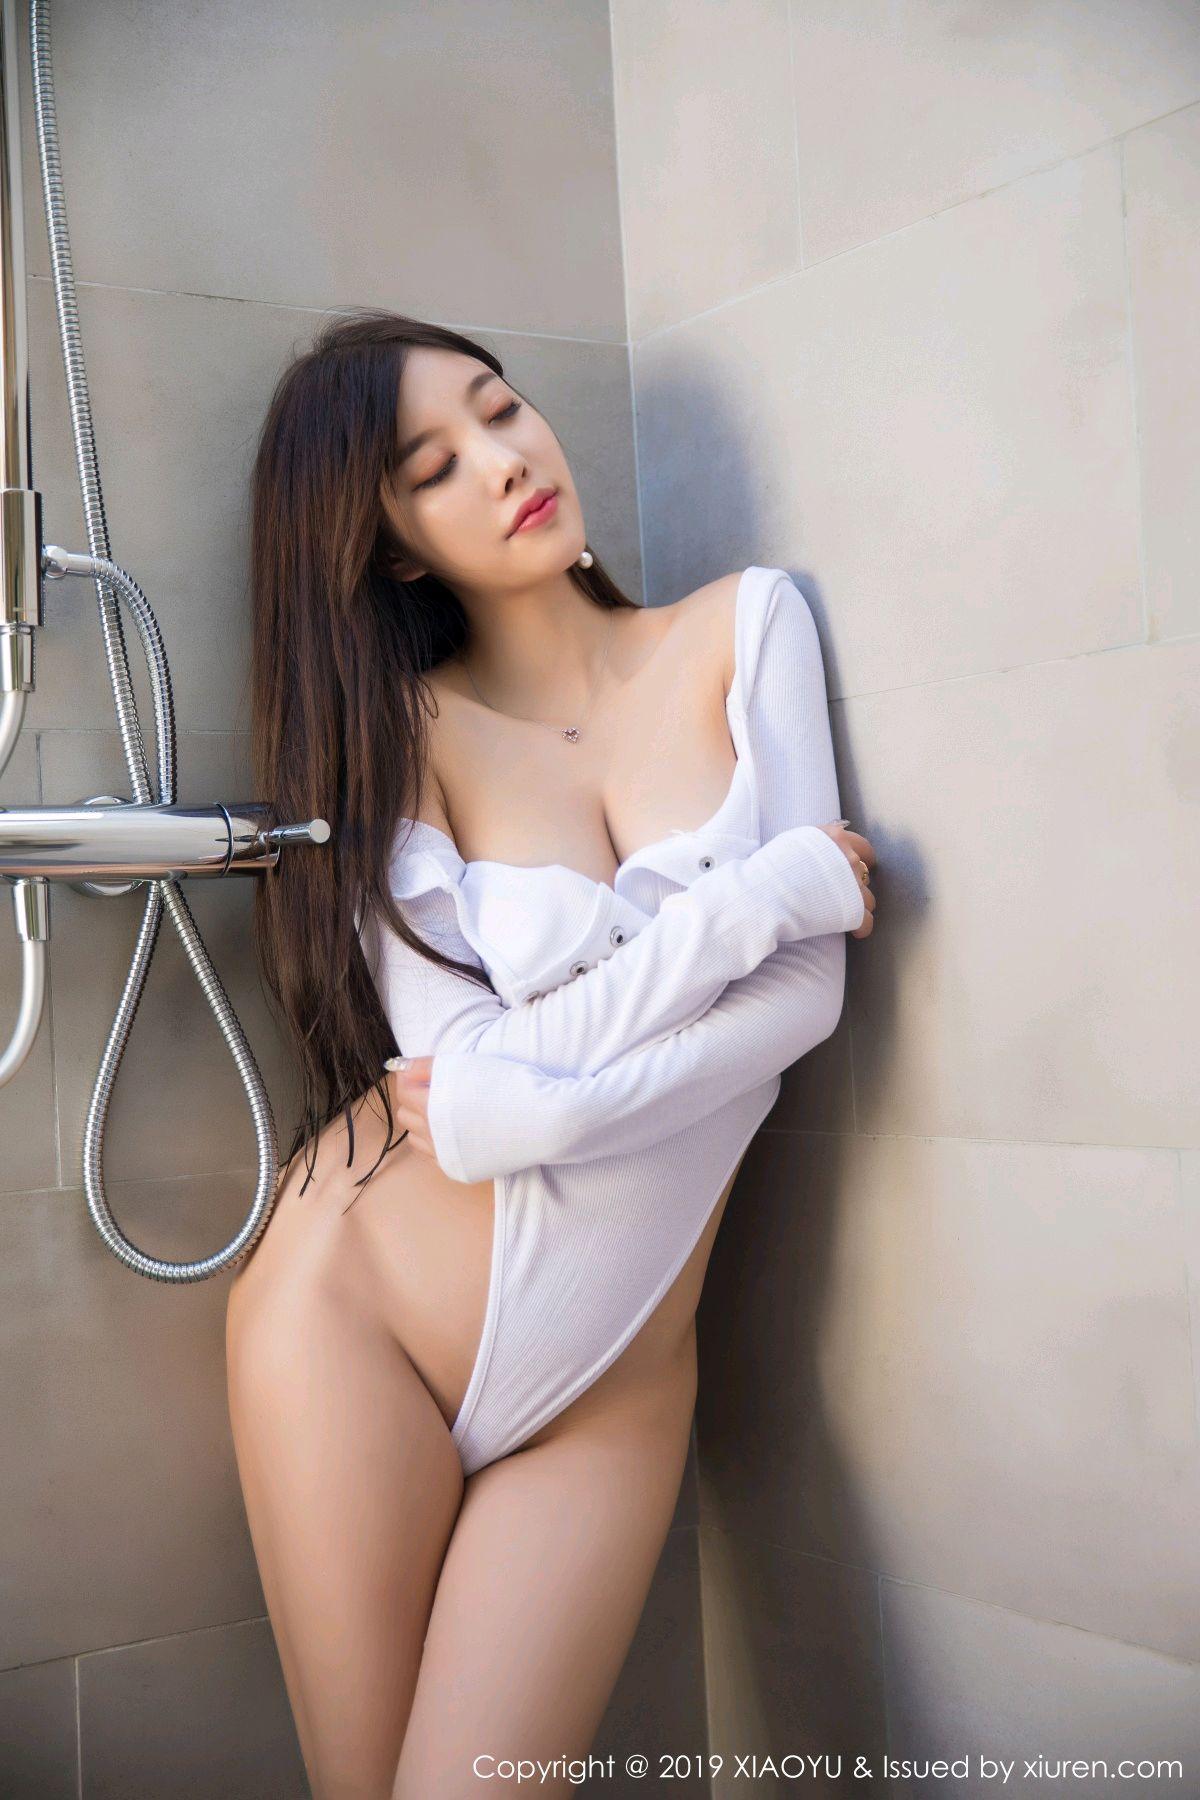 [XiaoYu] Vol.081 Yang Chen Chen 15P, Swim Pool, Wet, XiaoYu, Yang Chen Chen